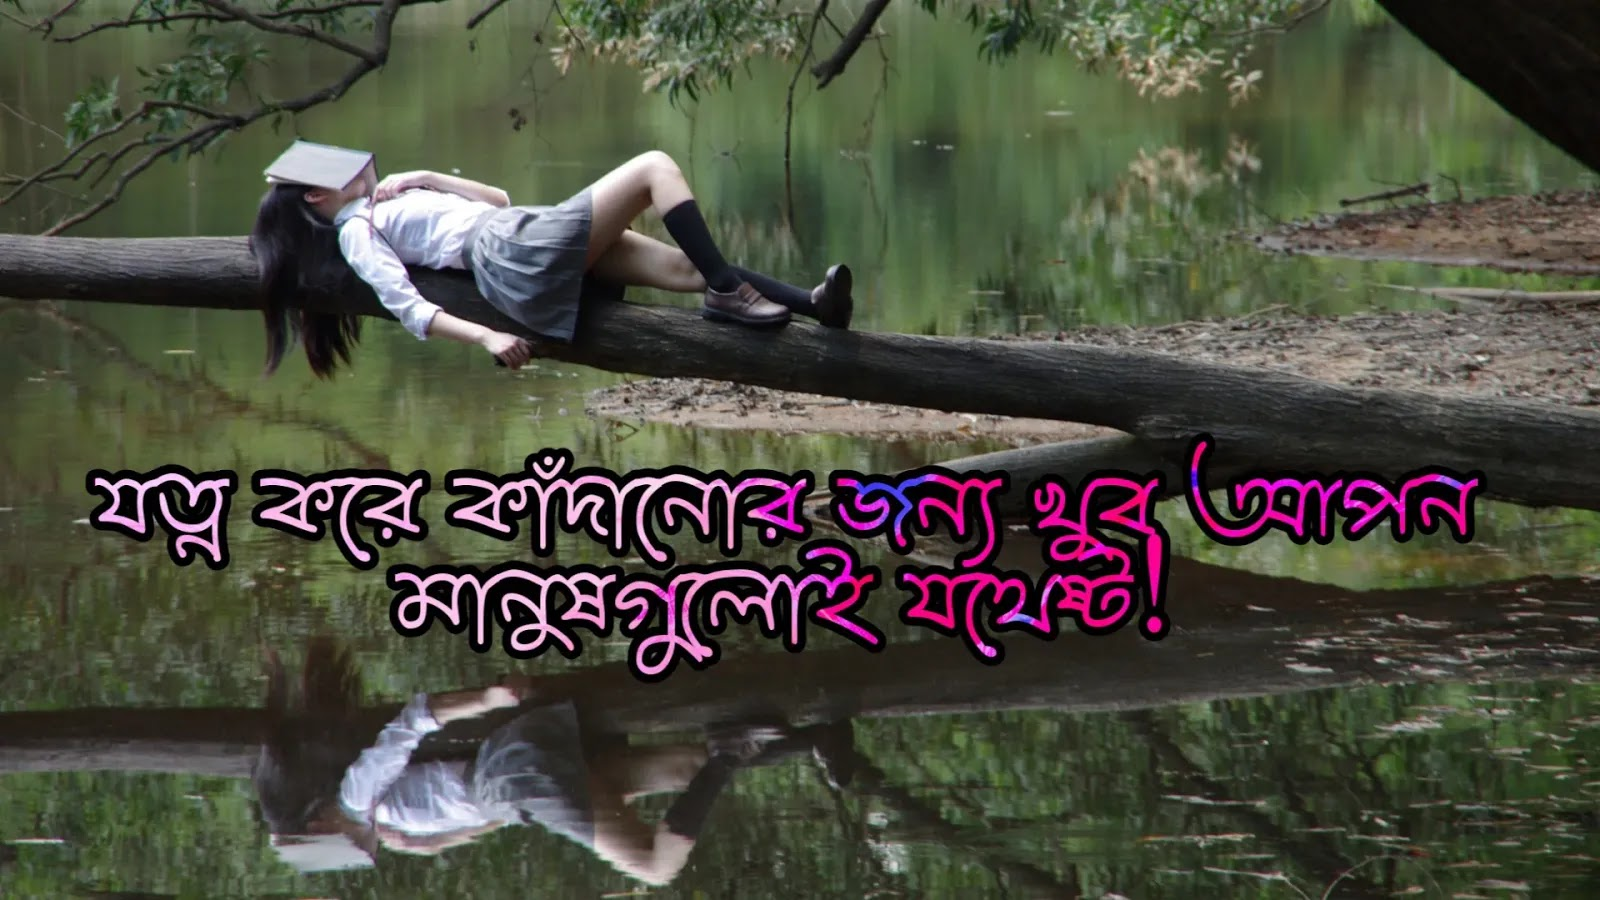 best bengali romantic quotes